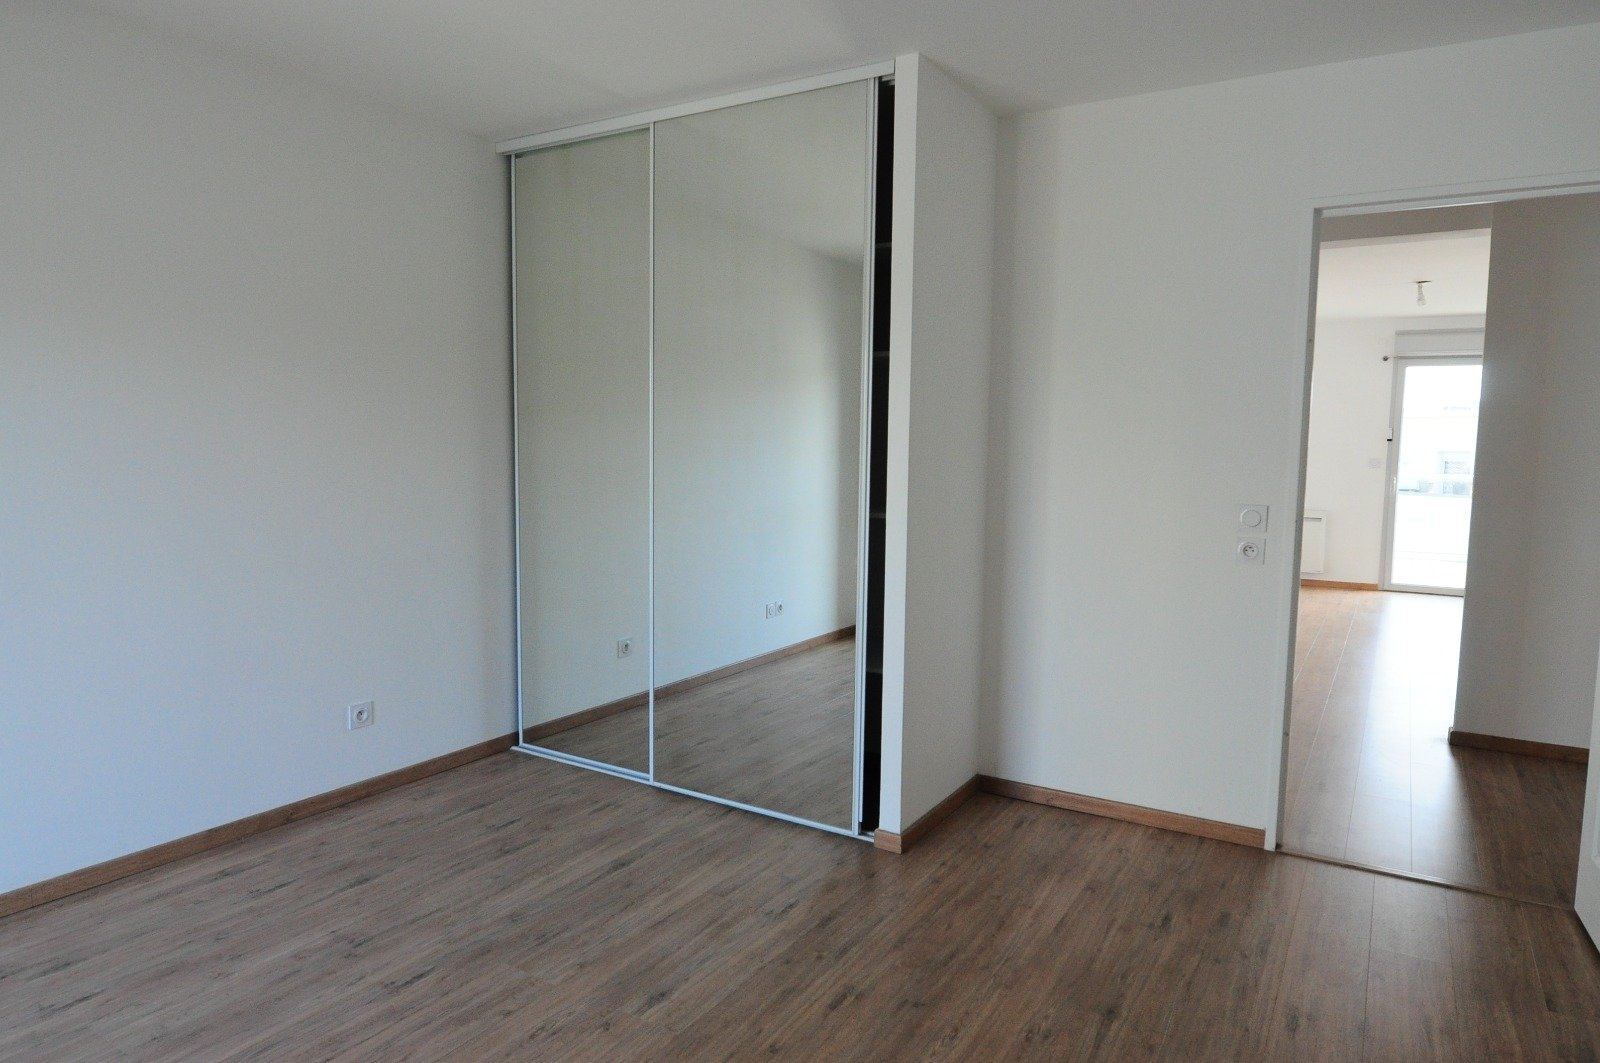 Appartement Reims 4 Pièces 89.74 m2 - 6